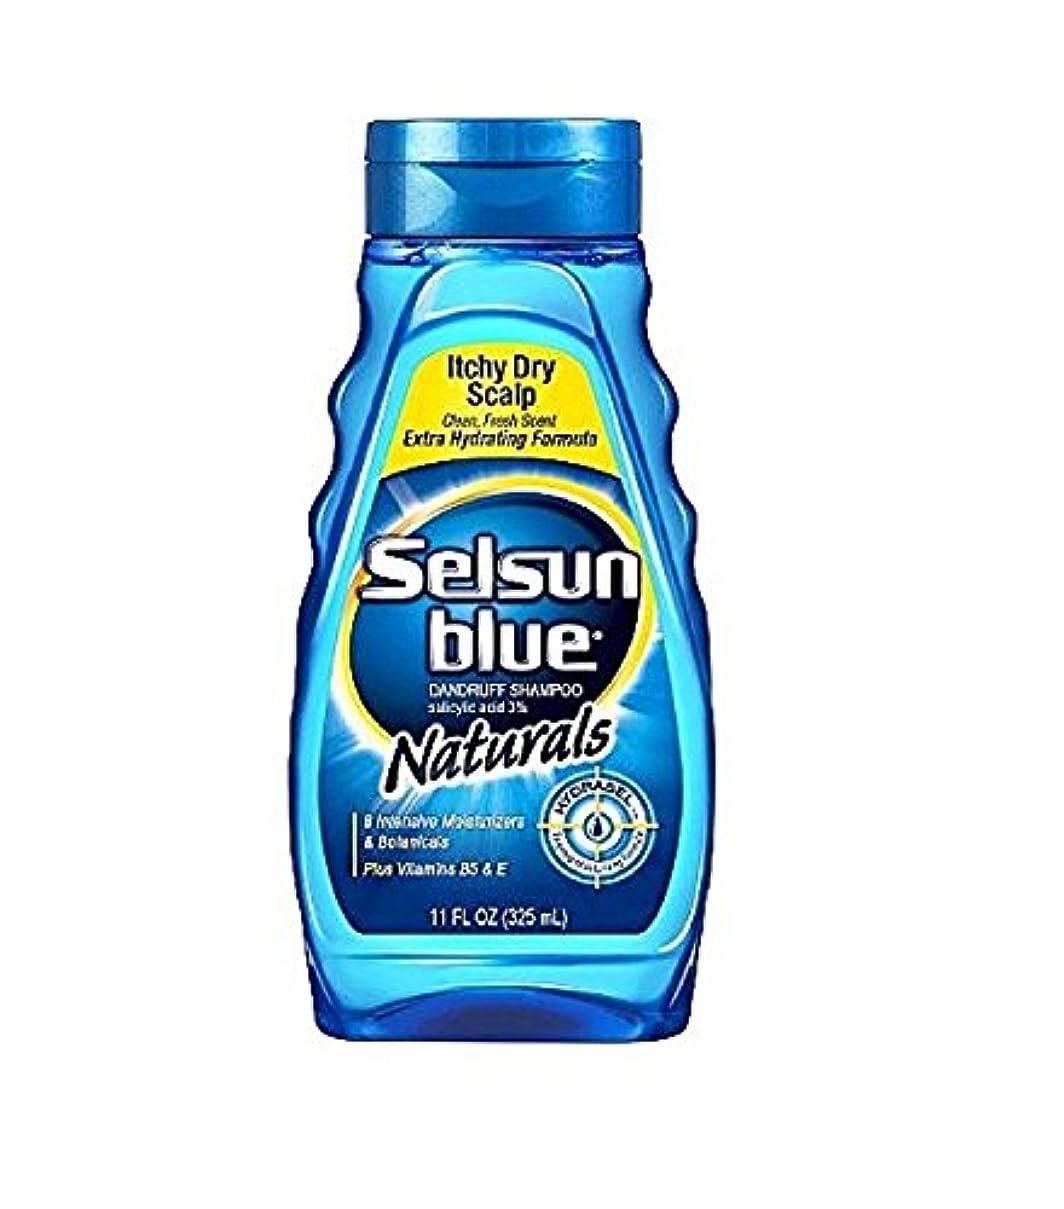 関連する誇大妄想お茶Selsun Blue Naturals Dandruff Shampoo Itchy Dry Scalp 325 ml (並行輸入品)